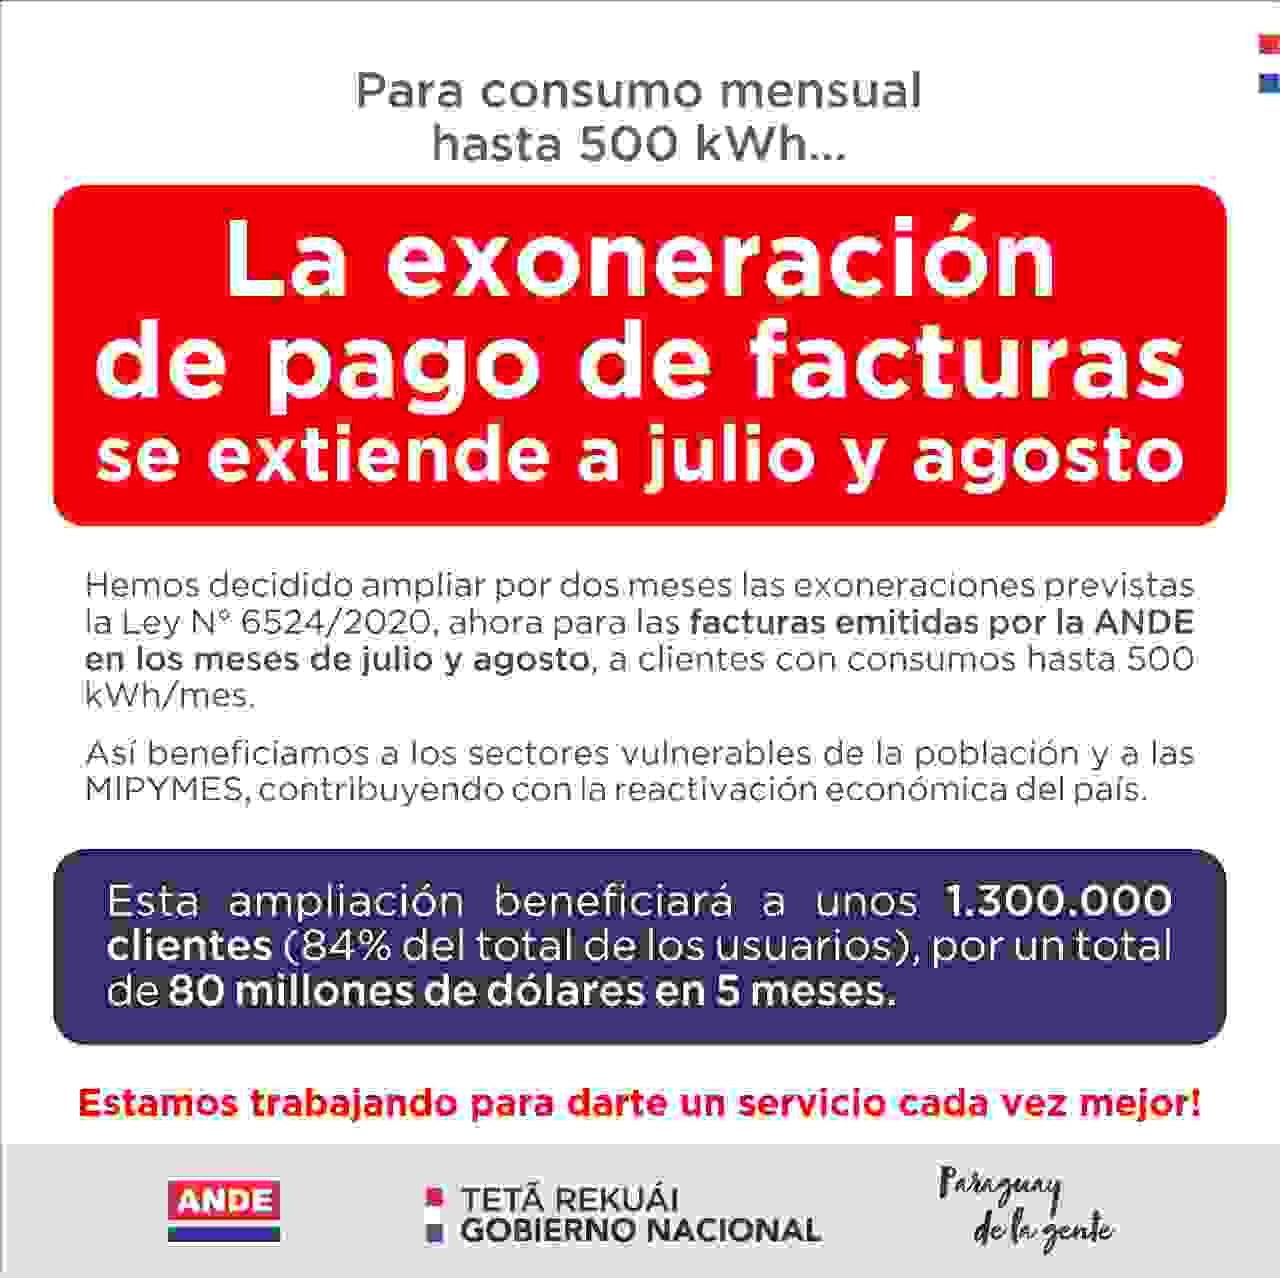 Exoneraciones de Faturas de Ande hasta agosto 2020